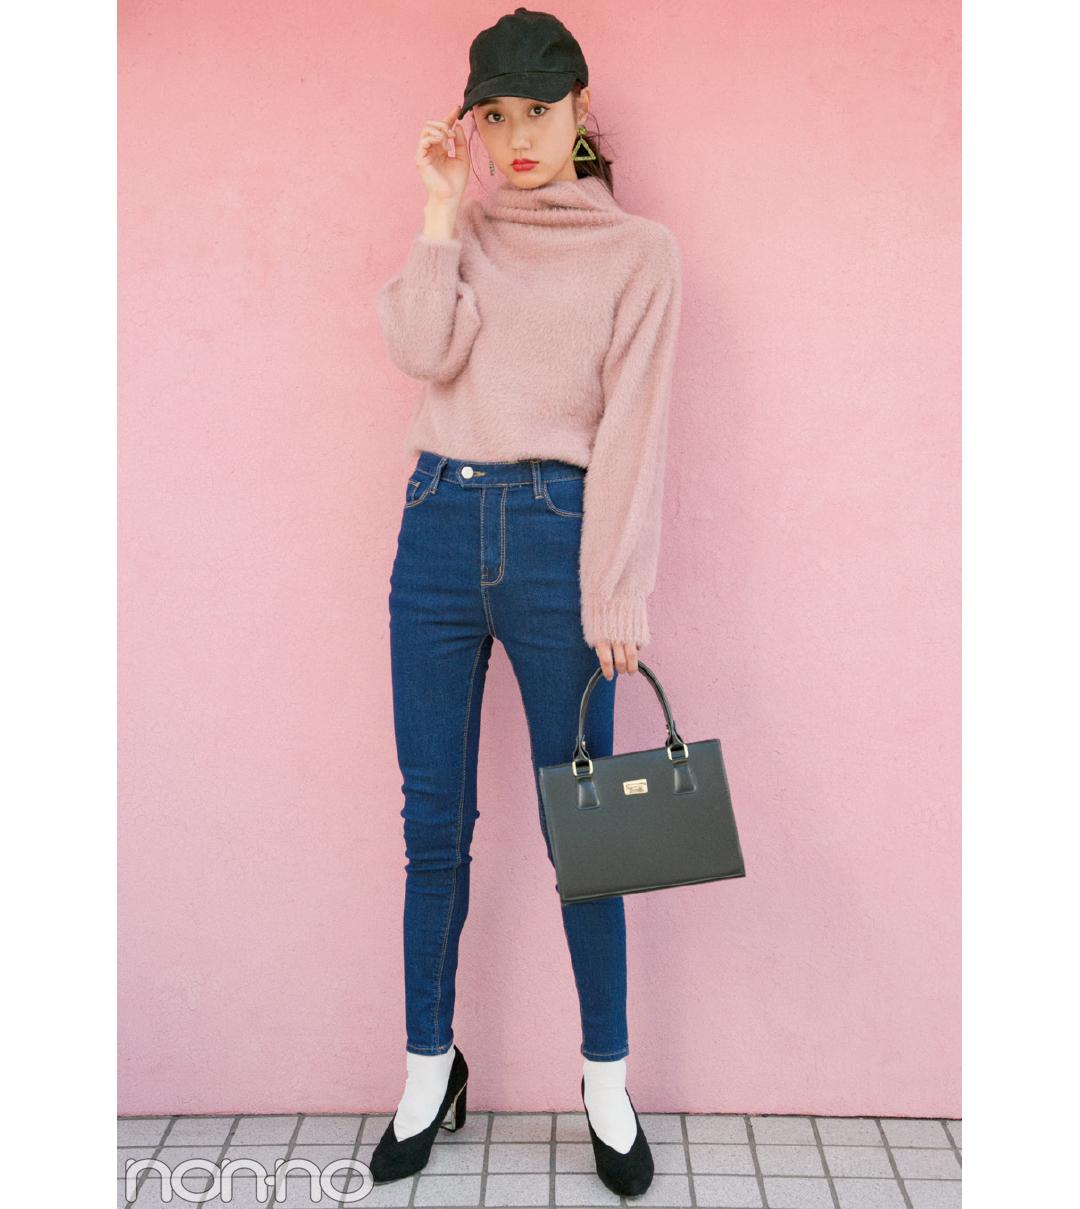 日本でも大人気の韓国スキニーデニム♡ chuuの-5㎏ jeansはコレ!_1_2-2